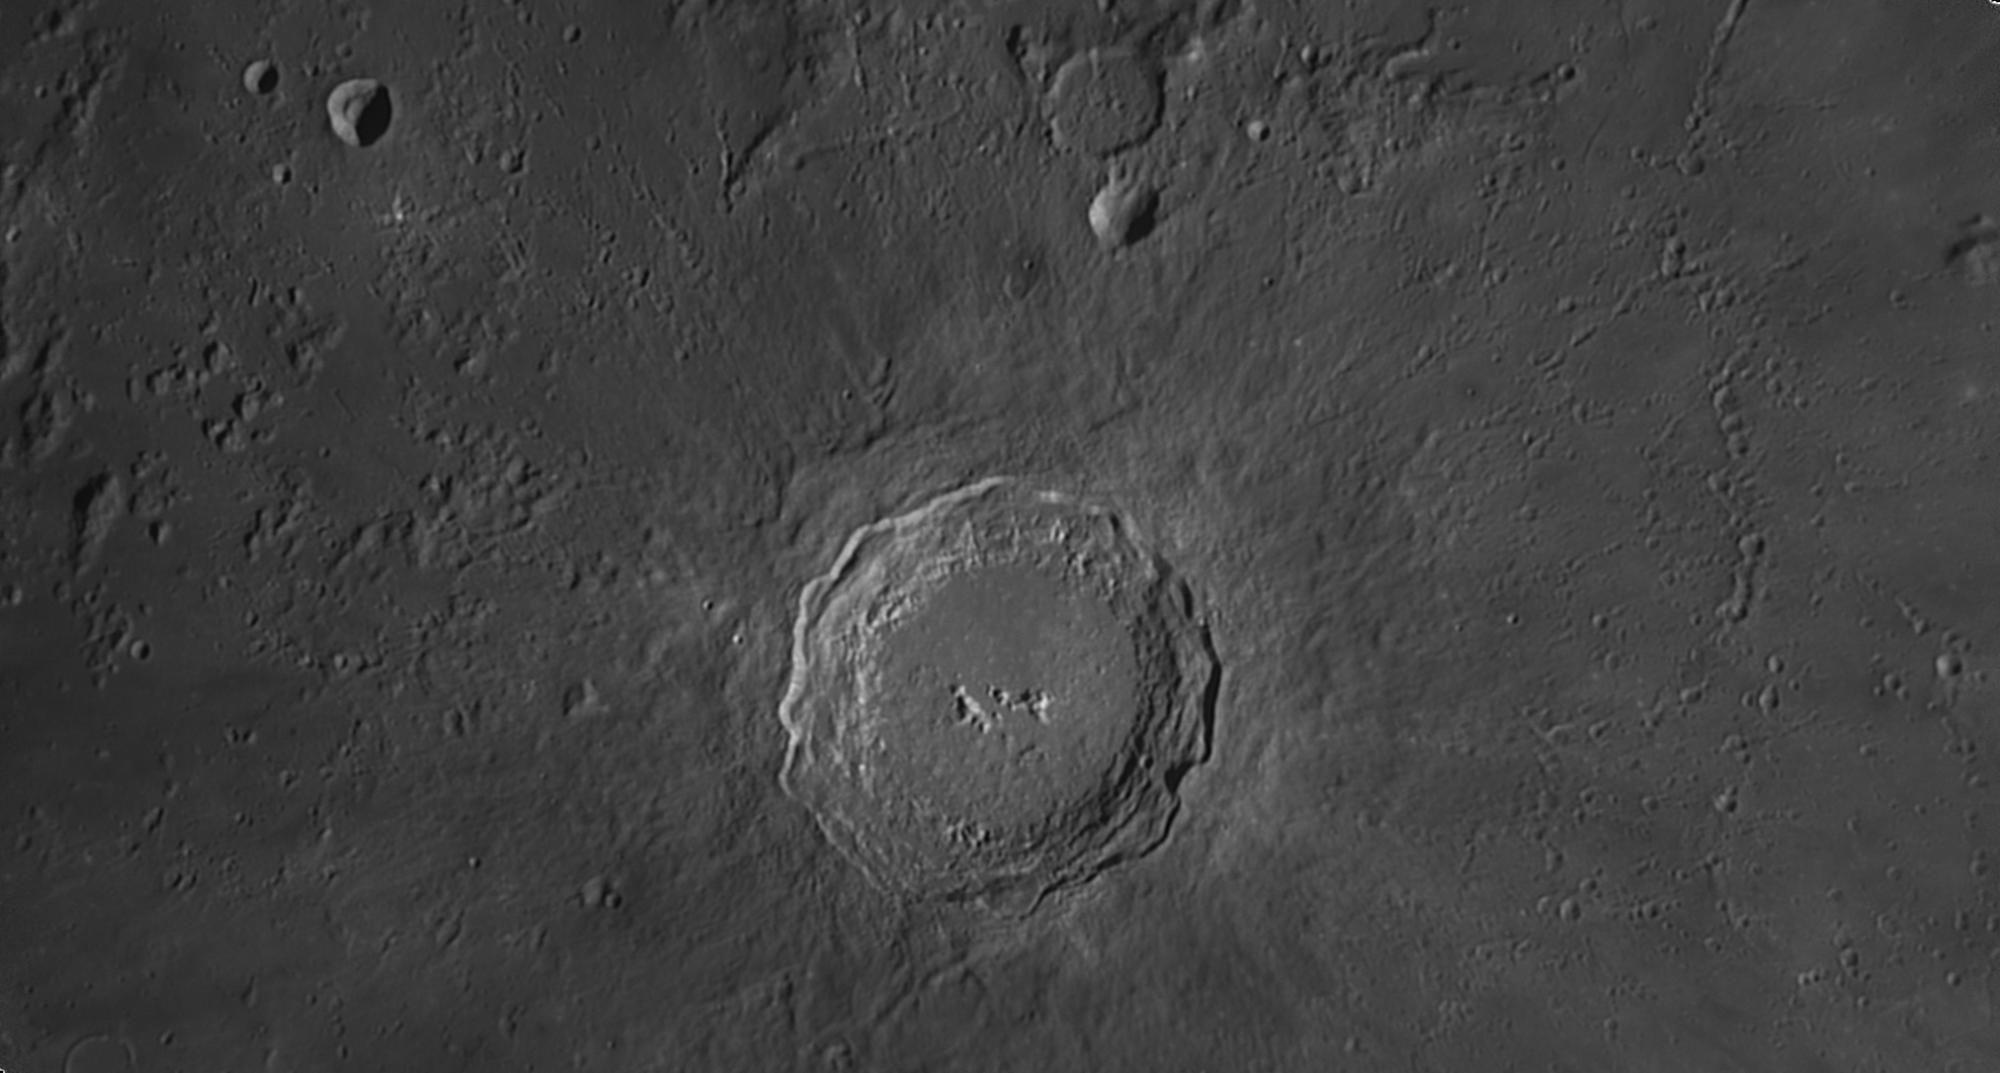 Copernic-recadre-23_37_14_AS_P24_l5_ap324_limit000000-009215.thumb.png.71f4a5446c120abd169c3fa15ecfb8e6.png